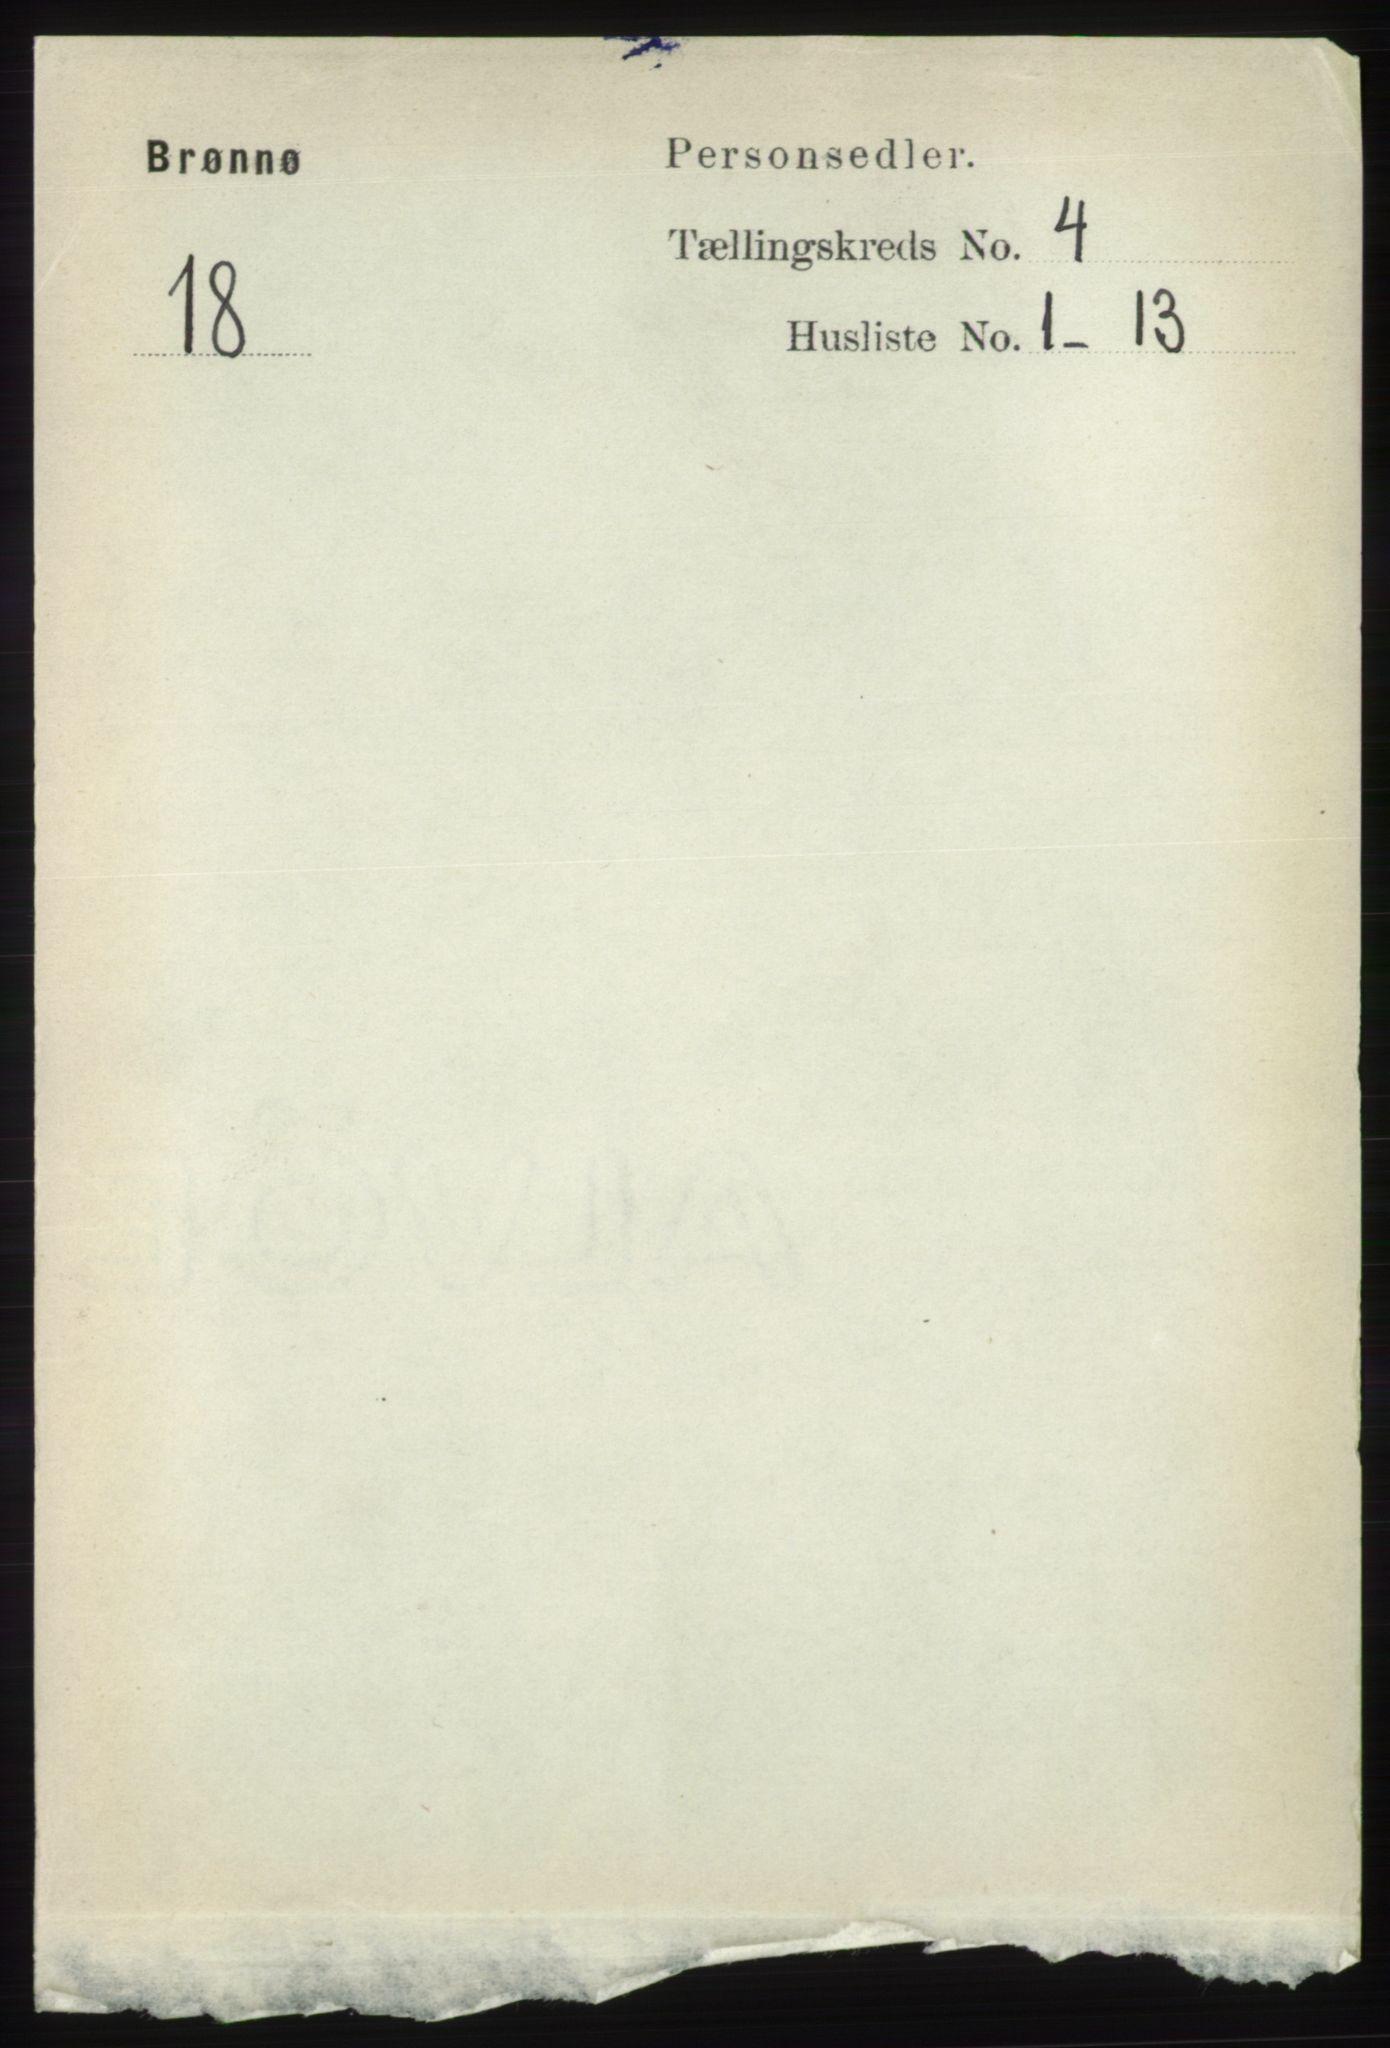 RA, Folketelling 1891 for 1814 Brønnøy herred, 1891, s. 2011